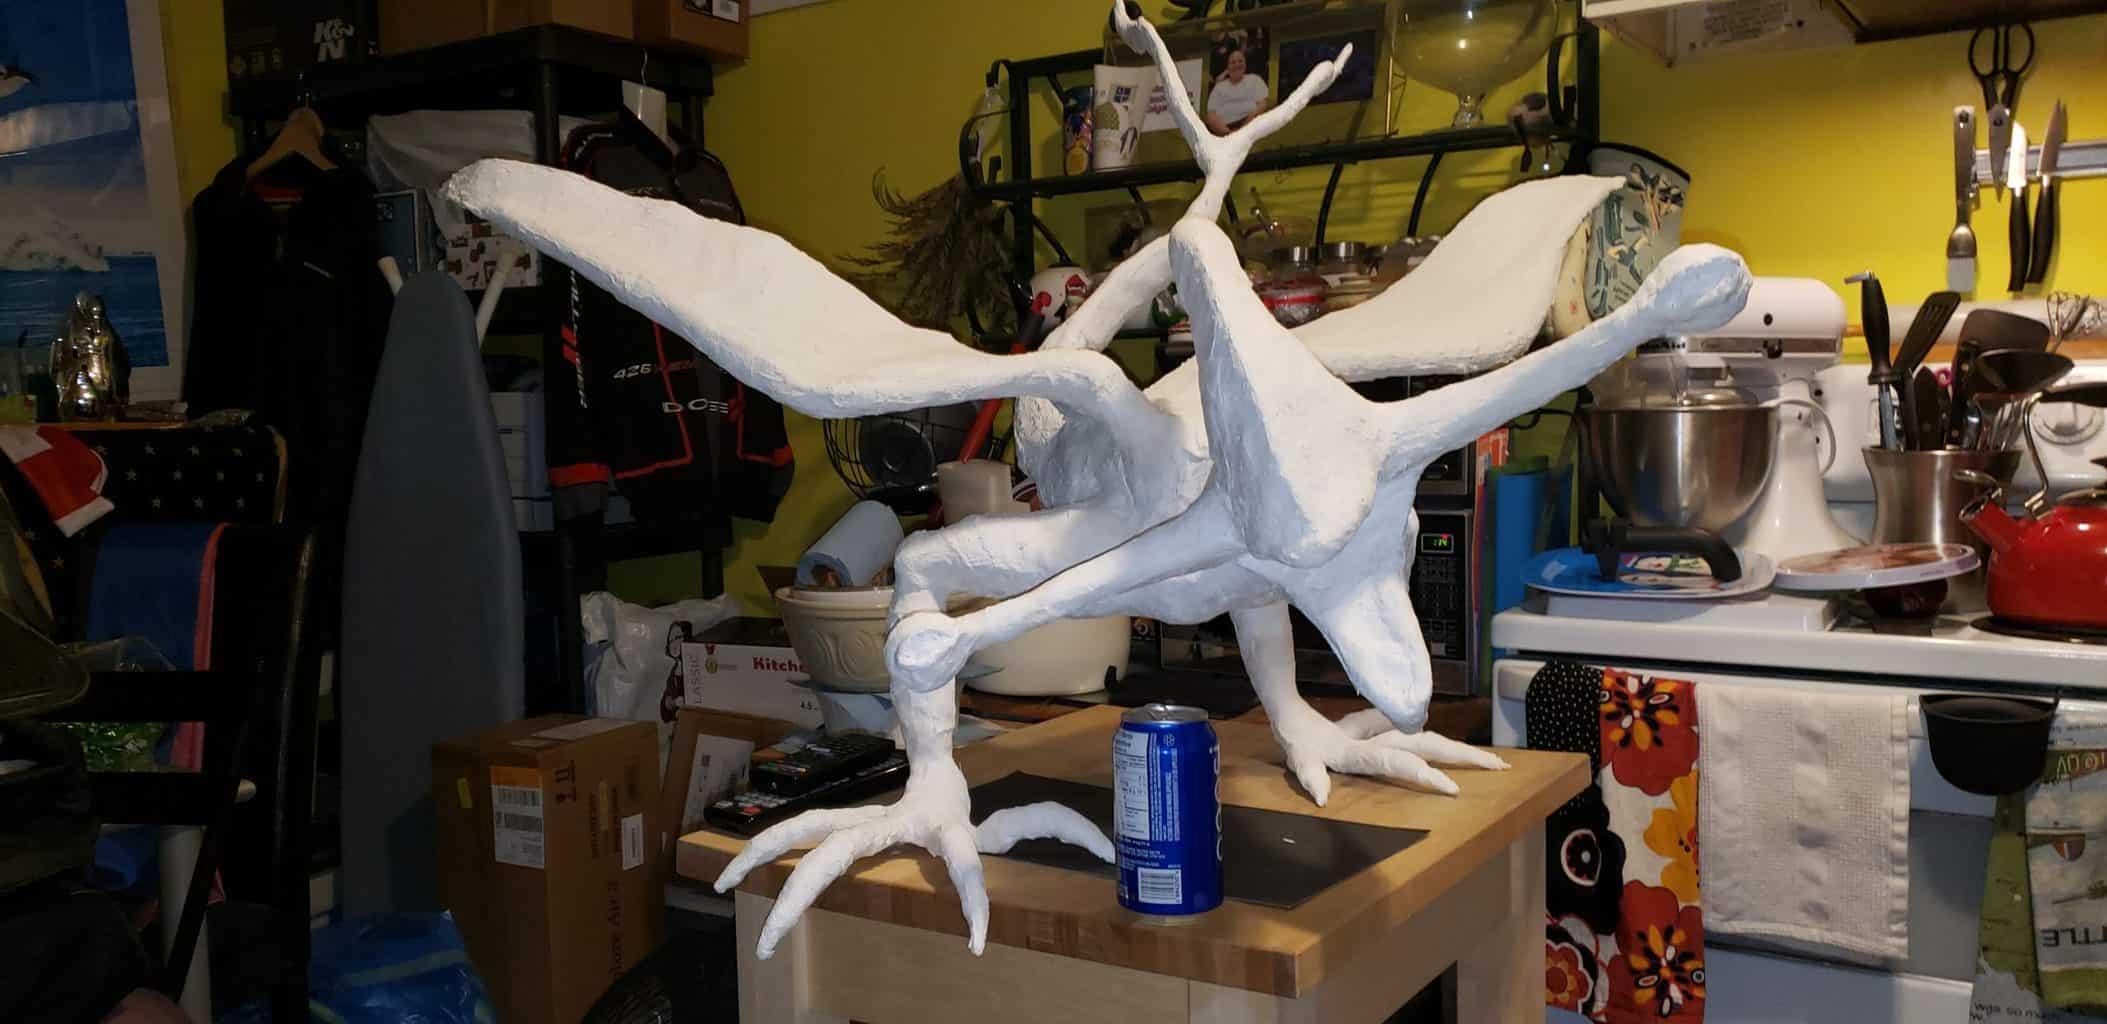 Paper mache bioraptor statue